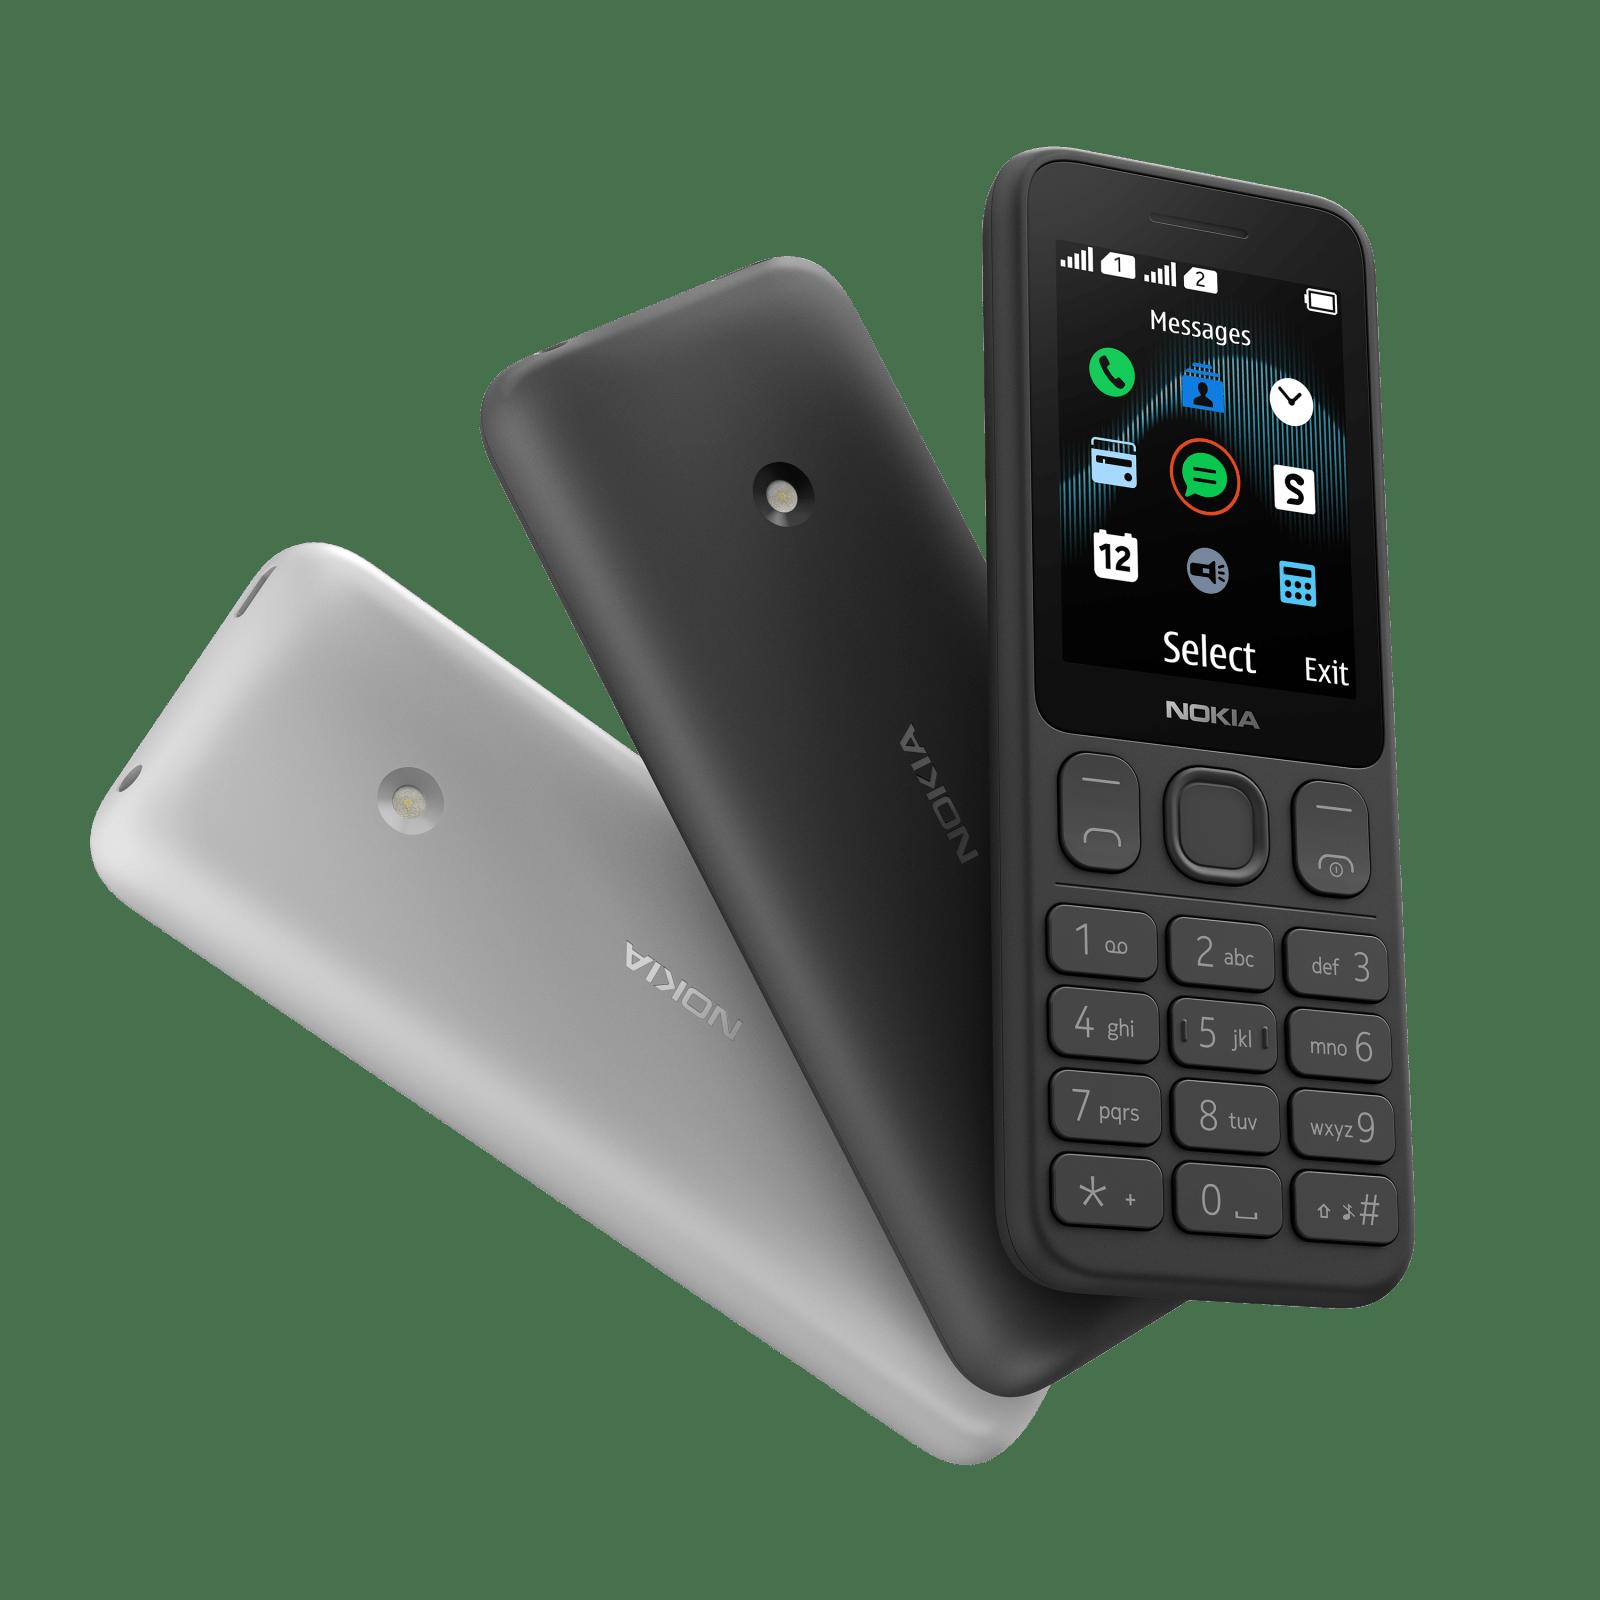 В России начались продажи телефонов Nokia 125 и Nokia 150 (nokia 125 emotional)